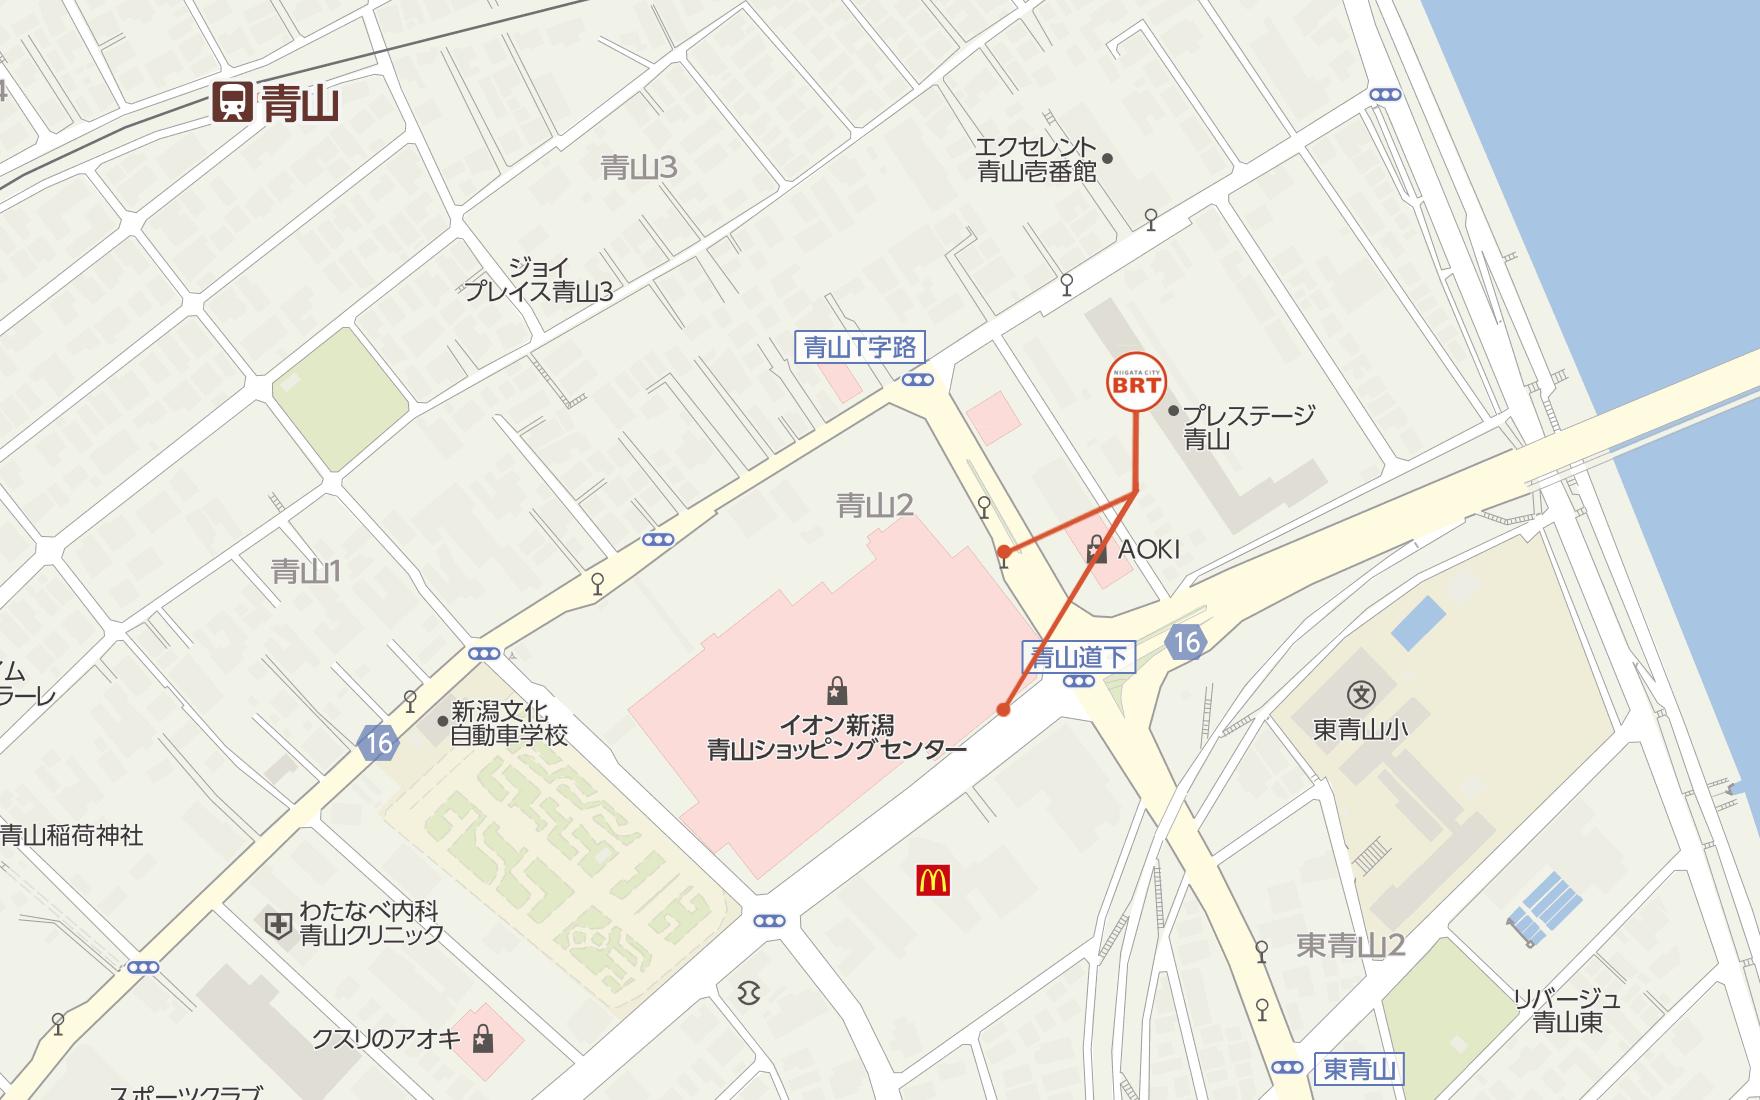 新潟市BRT青山 バス停の位置